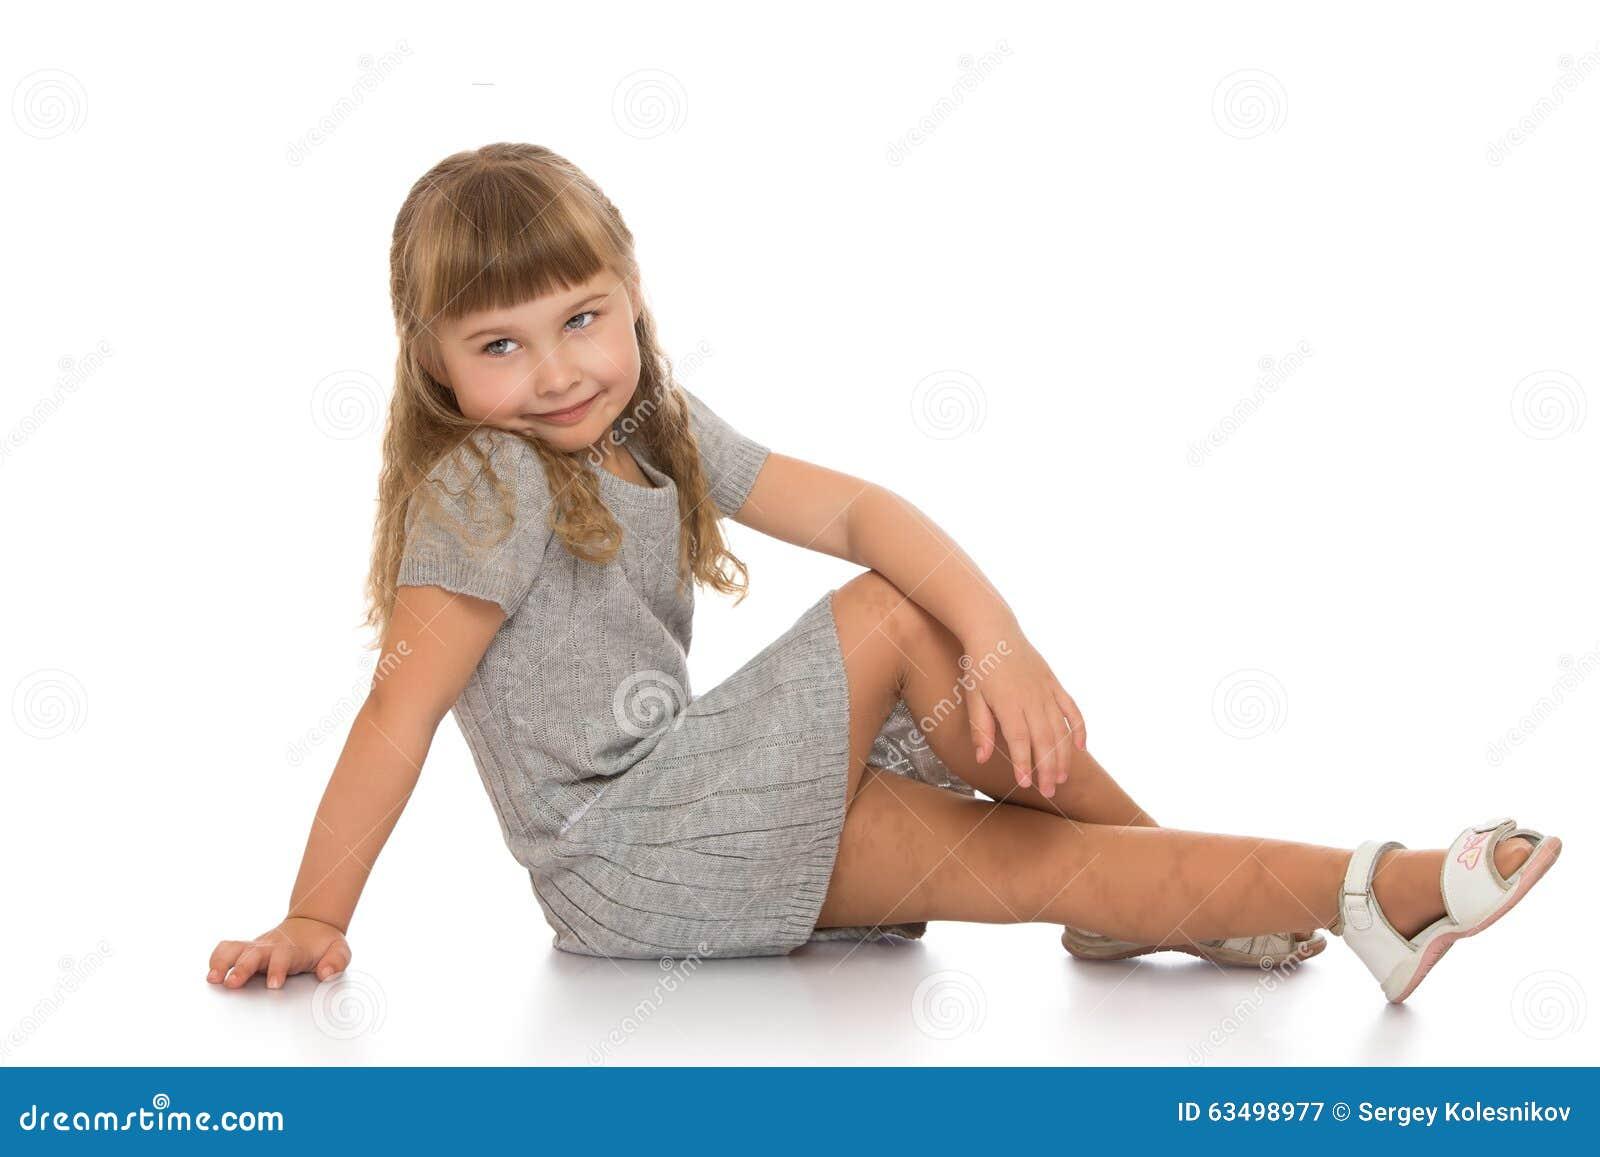 Rachel starr lap dance is never enough